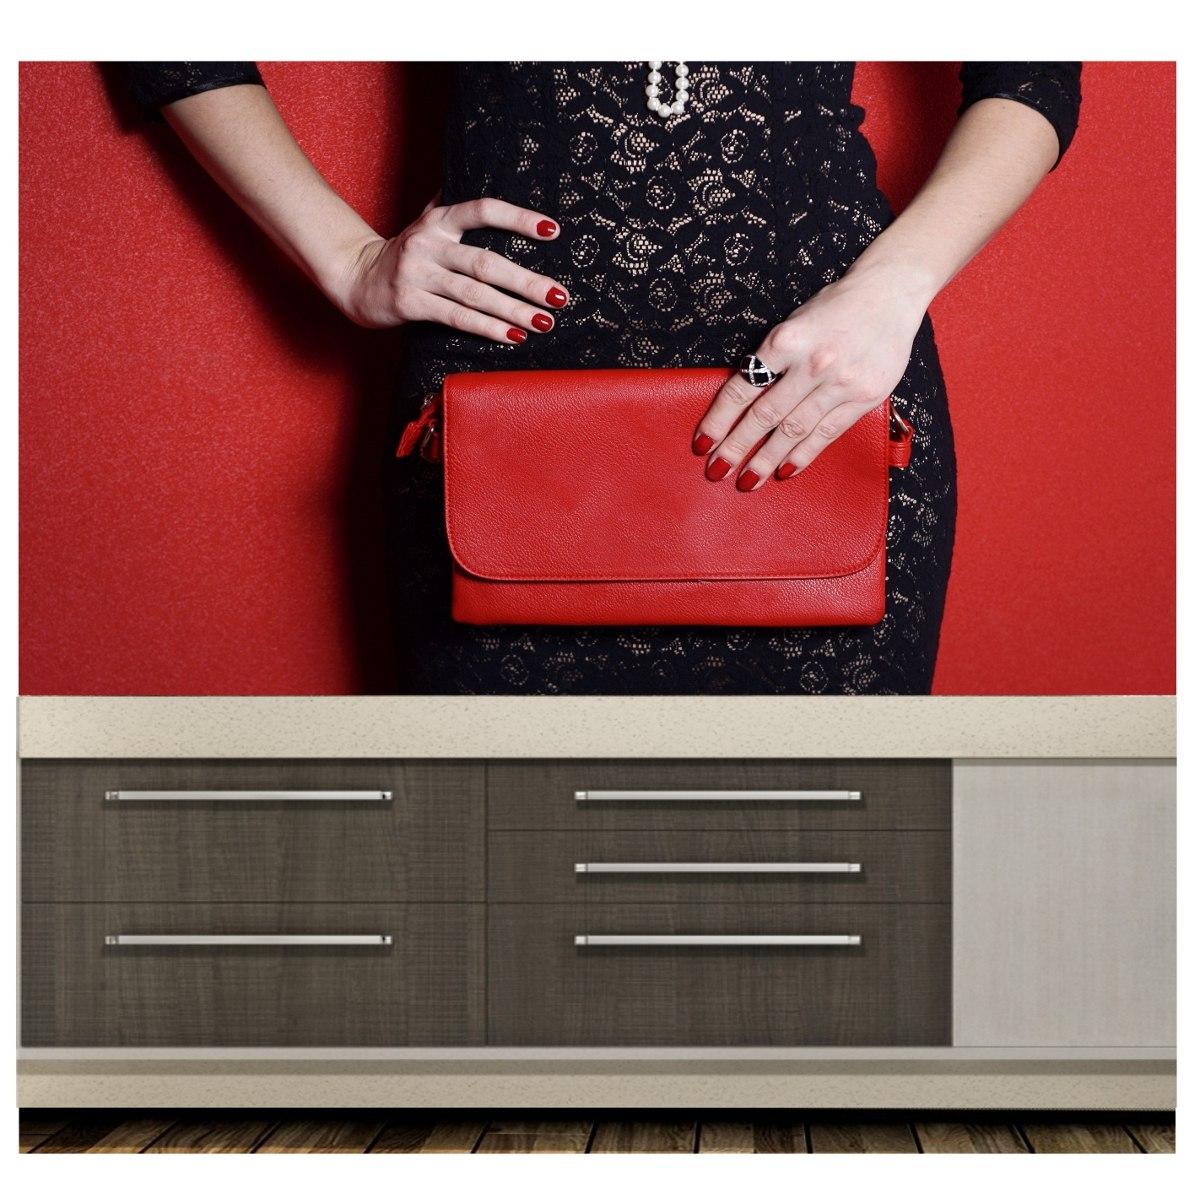 0516eb6556 adesivo parede moda decoração loja de roupas mulher s262. Carregando zoom.